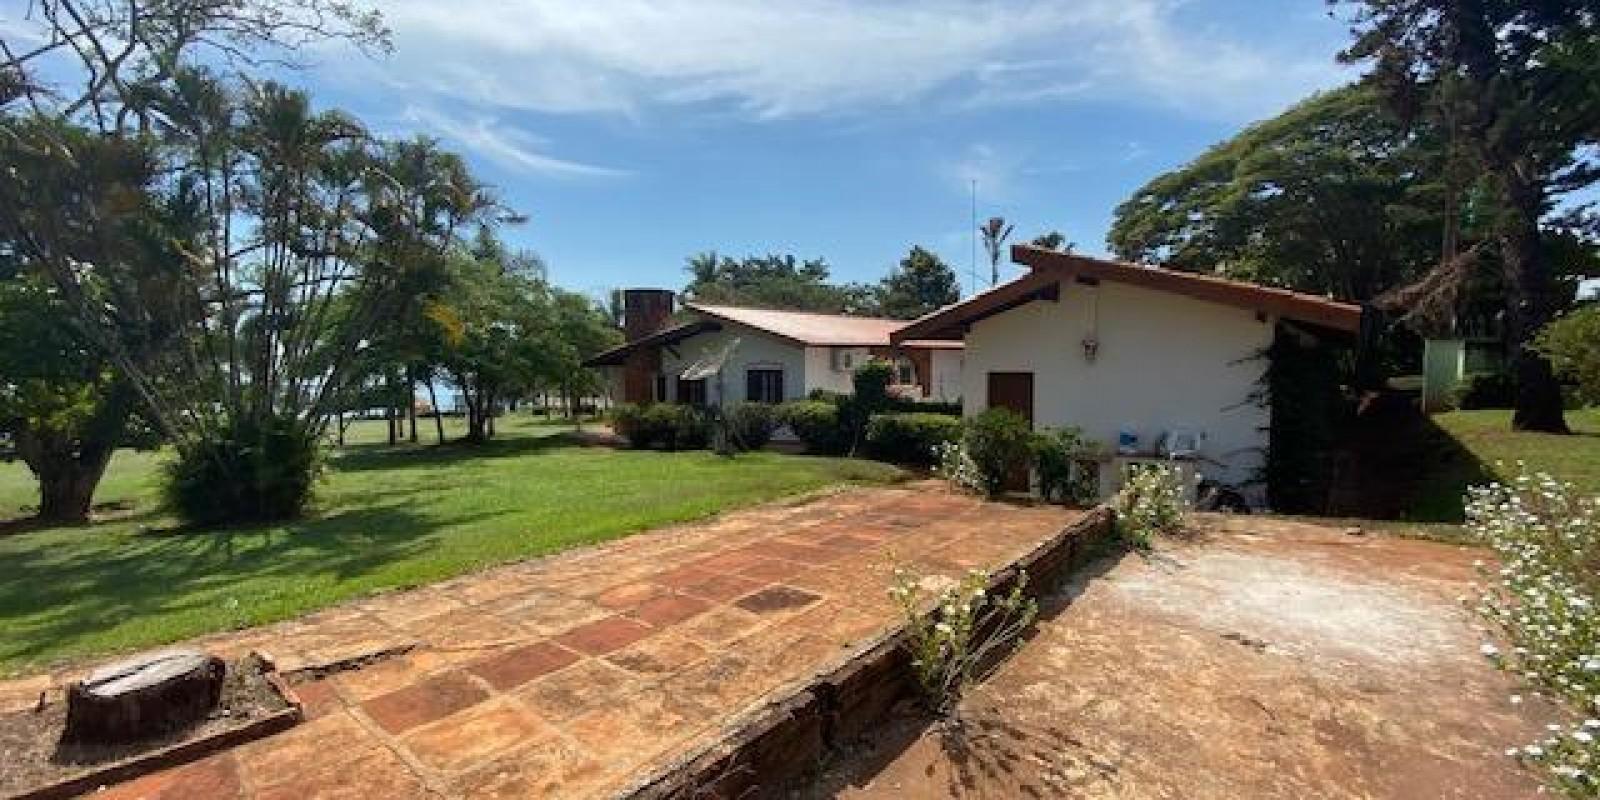 Casa Pé na Areia na Represa Condomínio Parque Náutico em Avaré SP - Foto 40 de 53